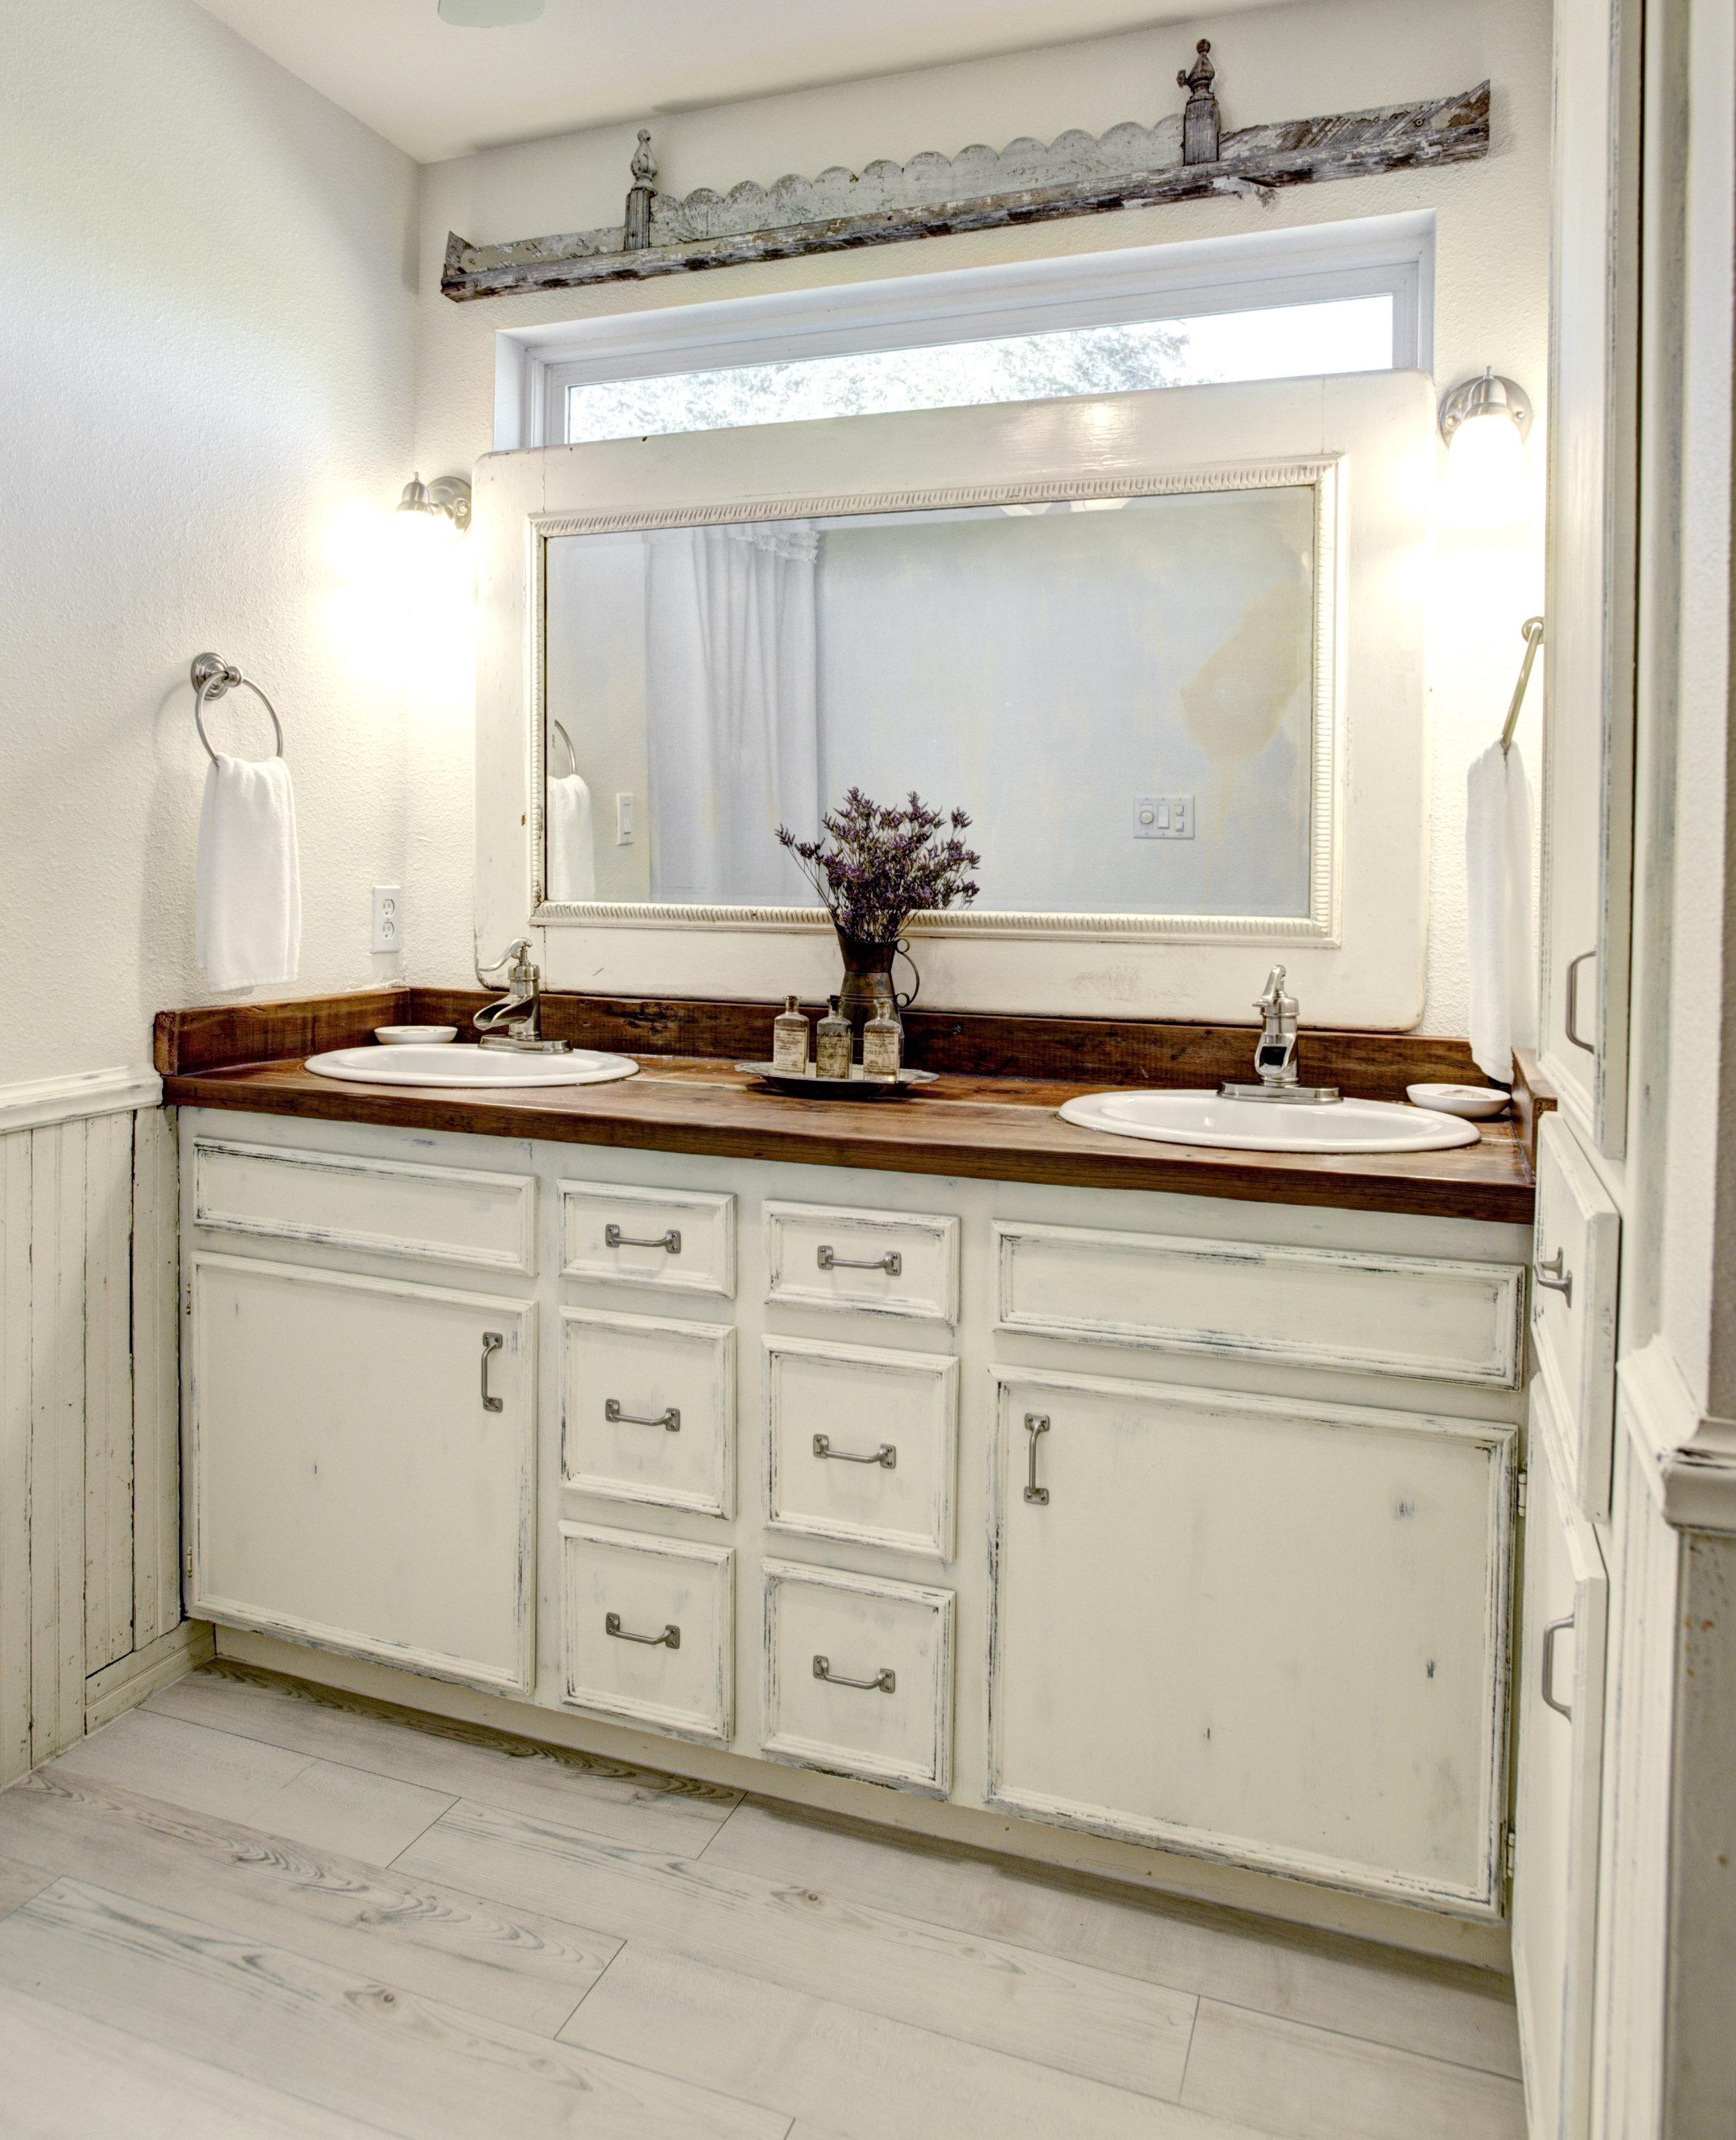 No. 1450 Master Bathroom at The Vintage Round Top